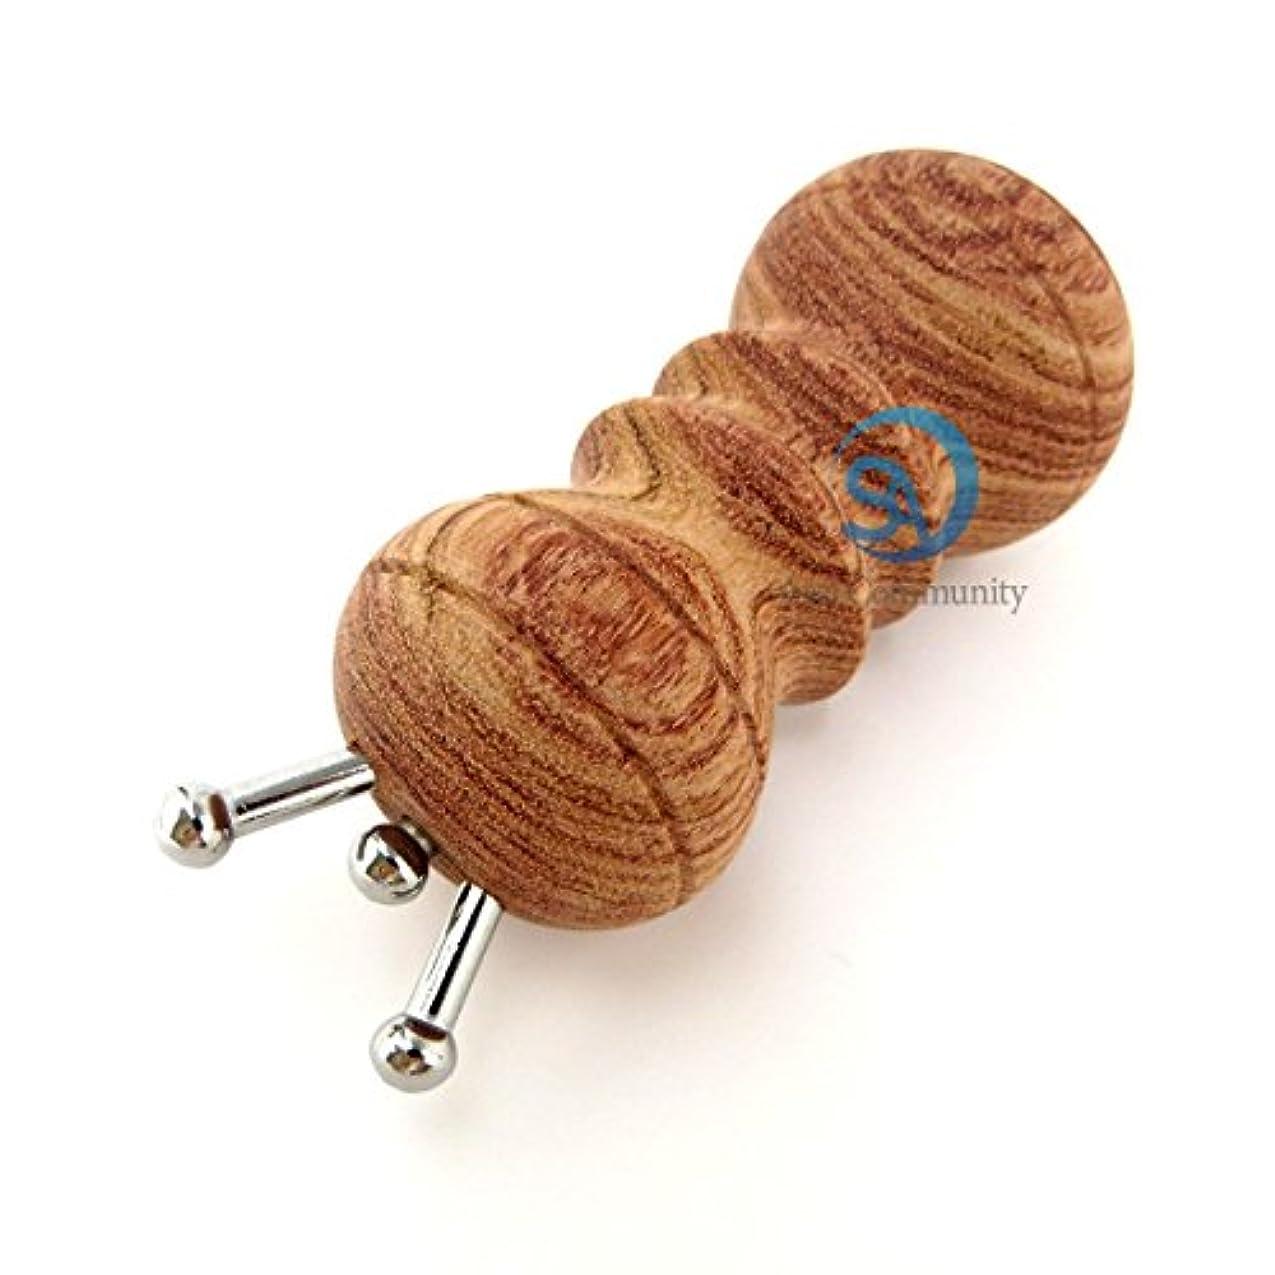 かっさ 無痕かっさ 天然花梨木 (カリボク) 磁石付き マッサージ器